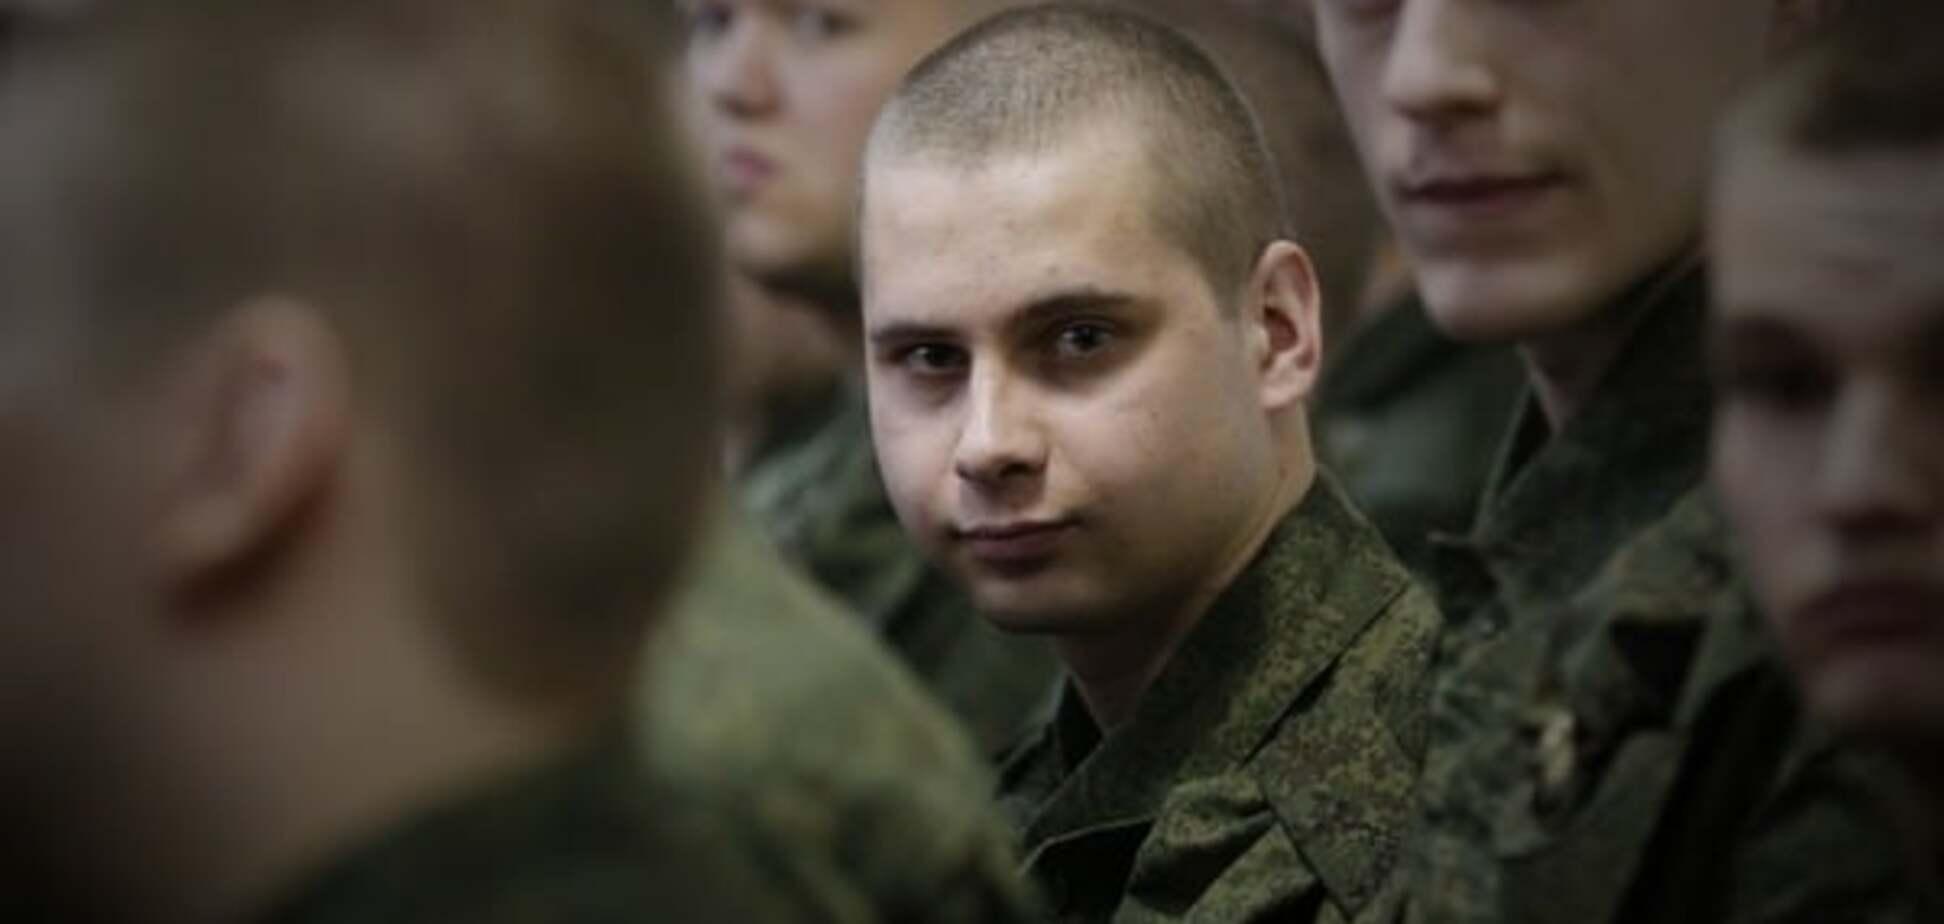 Путин, введи в войска! Крымчане отказываются служить в российской армии